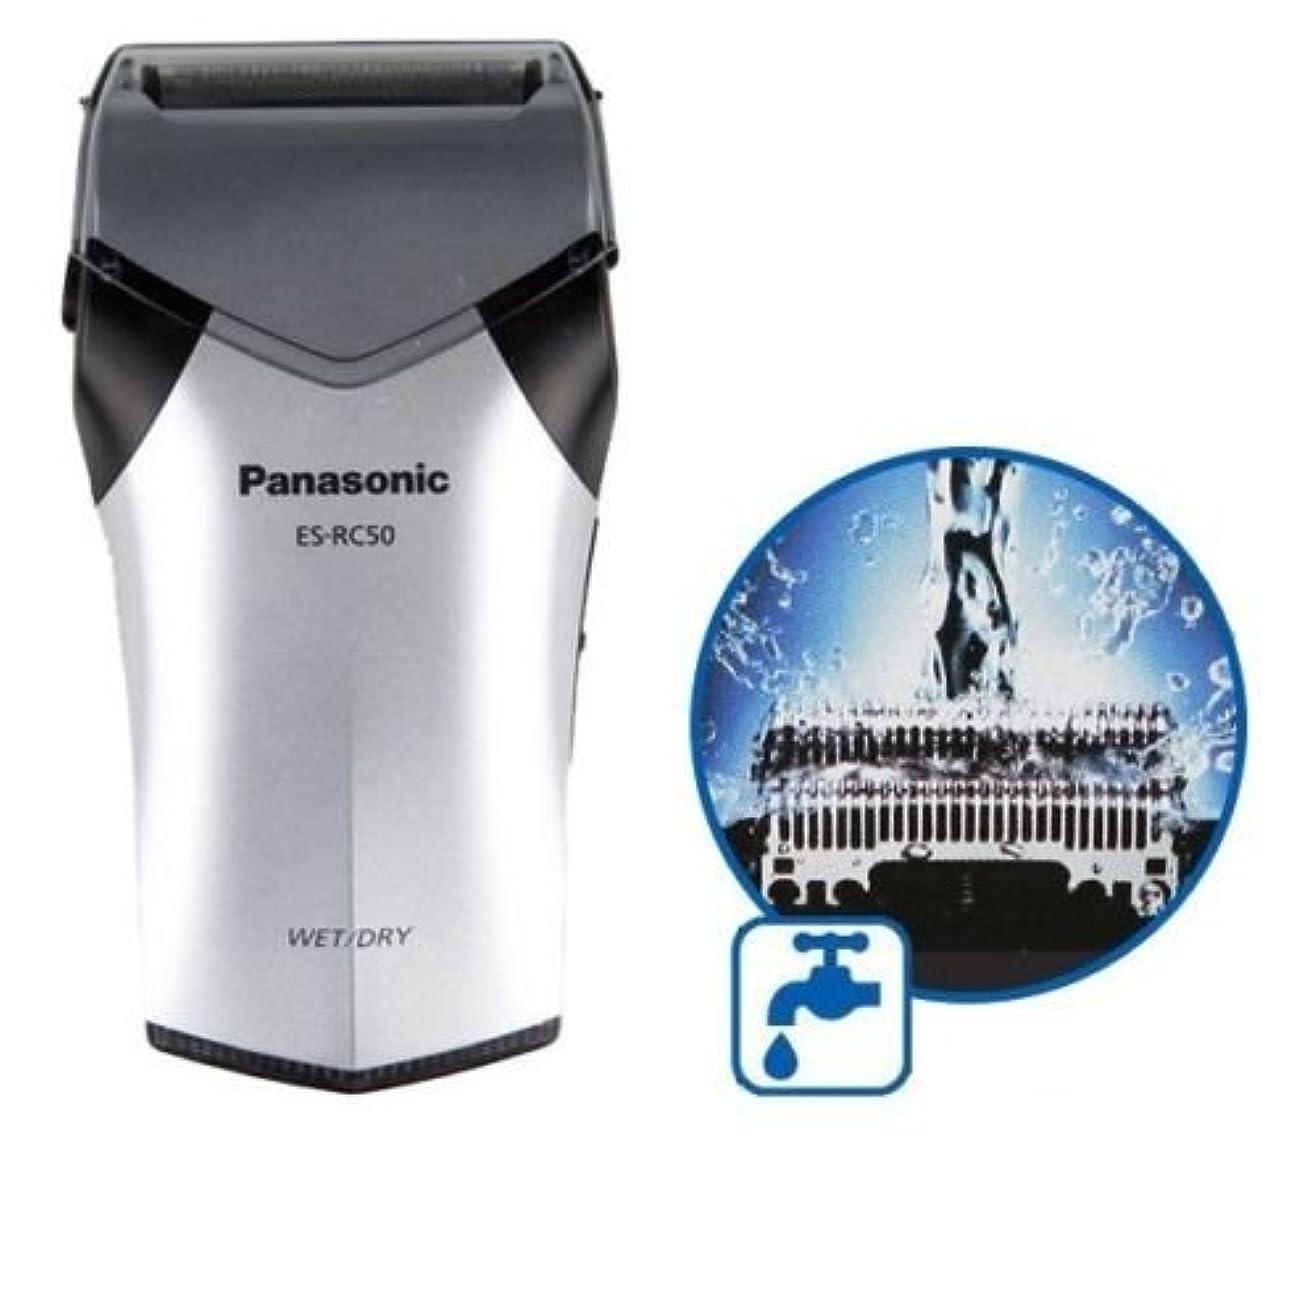 かもしれない安全でない巻き取りPanasonic ES-RC50 充電式ウェット/ドライメンズシェーバーかみそり2ブレード [並行輸入品]